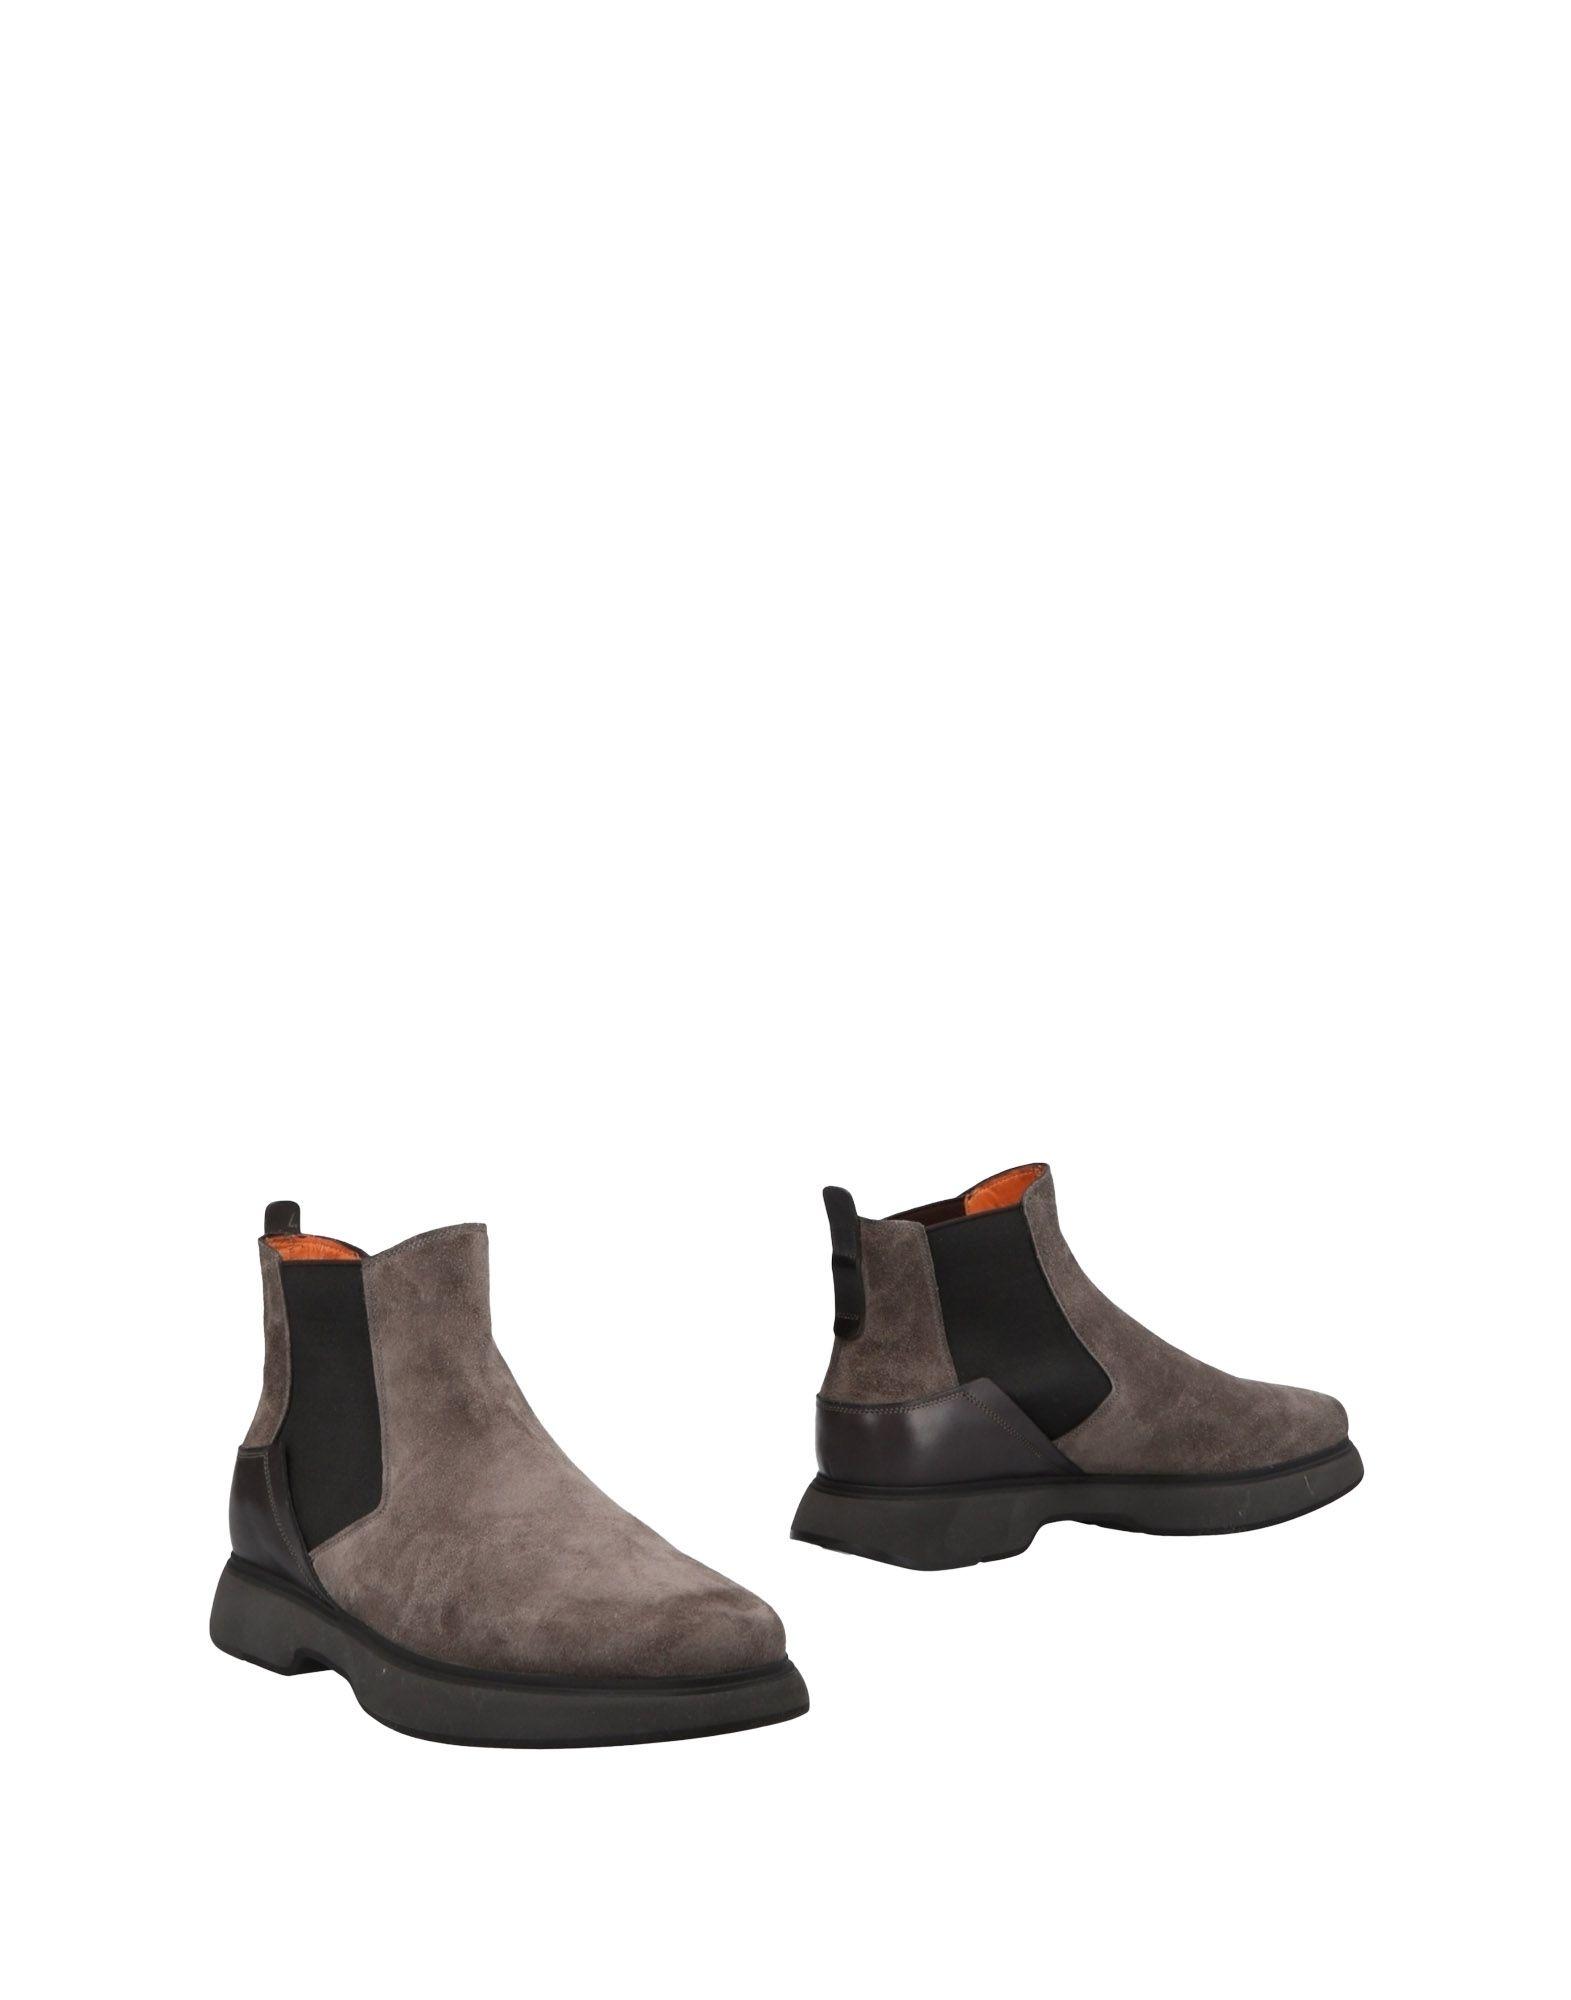 Santoni Stiefelette Qualität Herren  11478927SE Gute Qualität Stiefelette beliebte Schuhe 9d524f